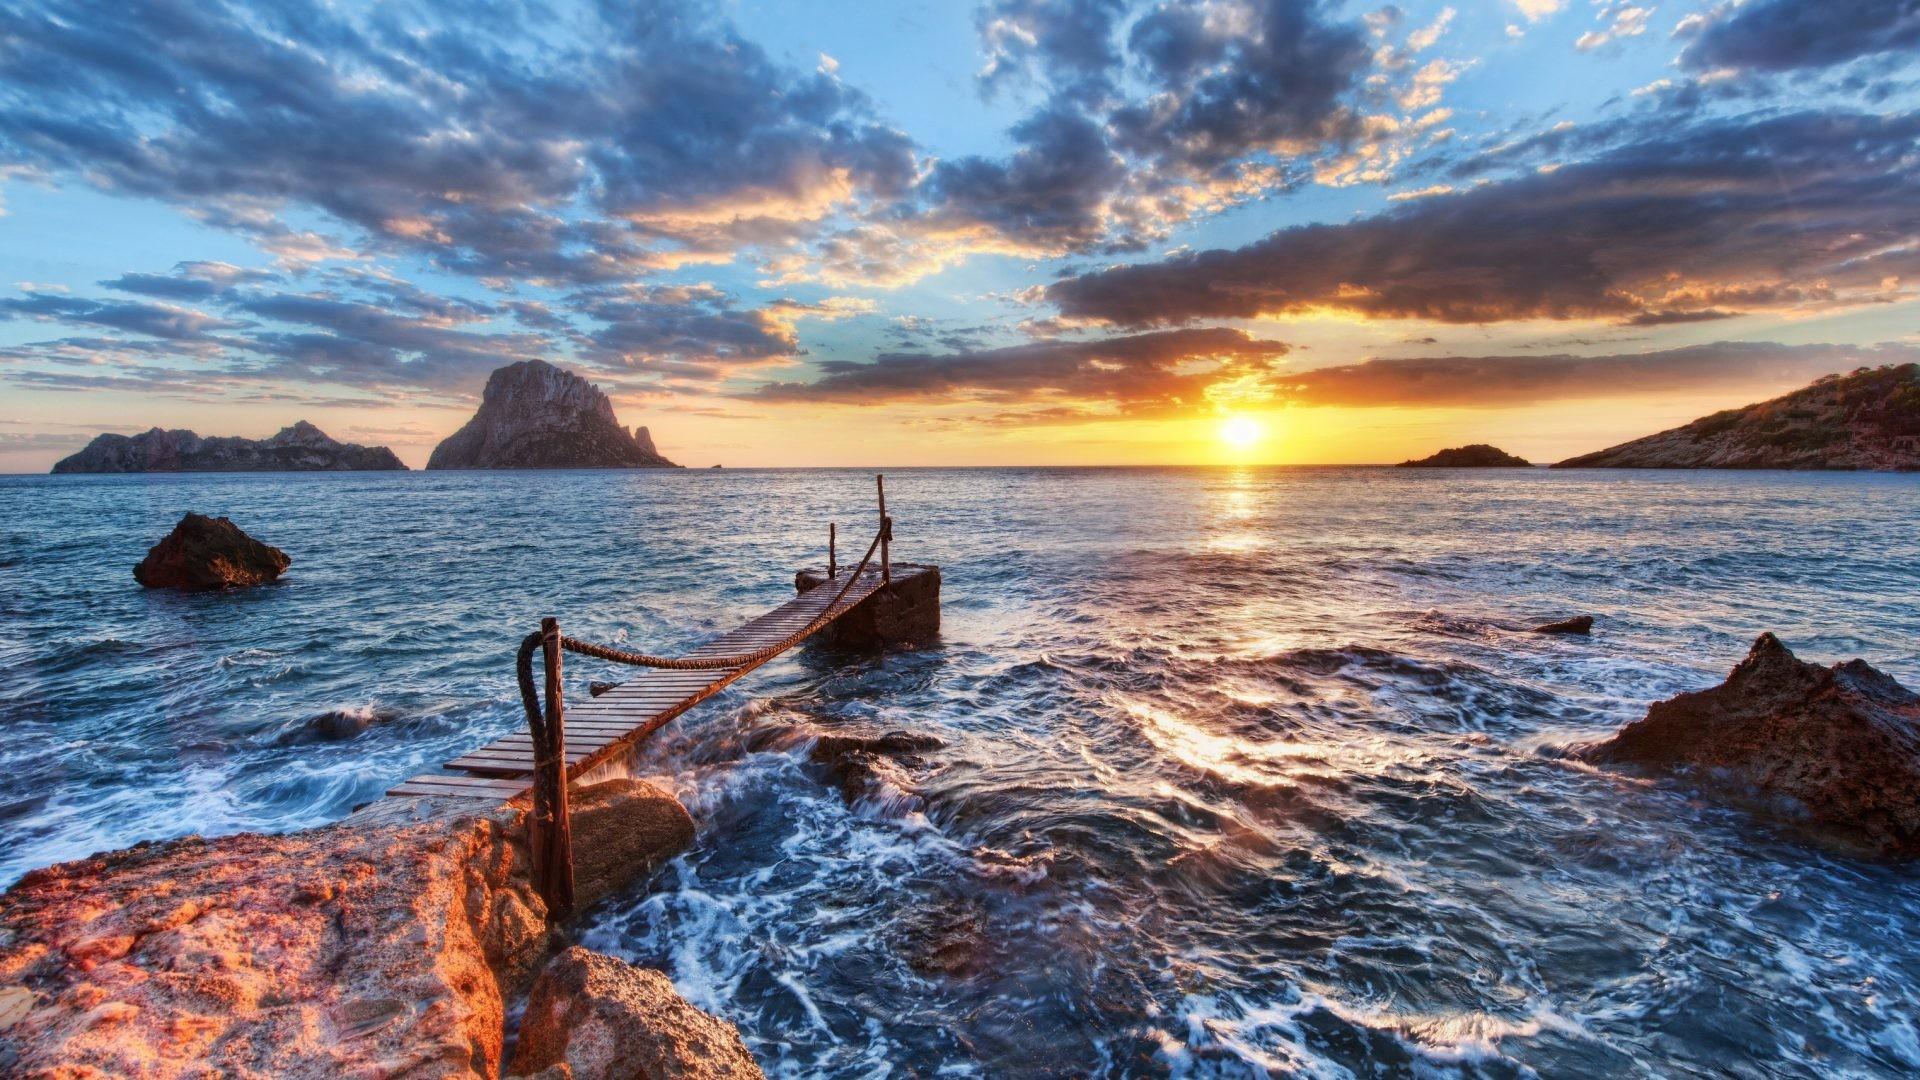 1920x1080 Sun Waves Cliff Clouds Sky Sea Sunset Summer Desktop Wallpaper ·  Download · 1536x2048 You .